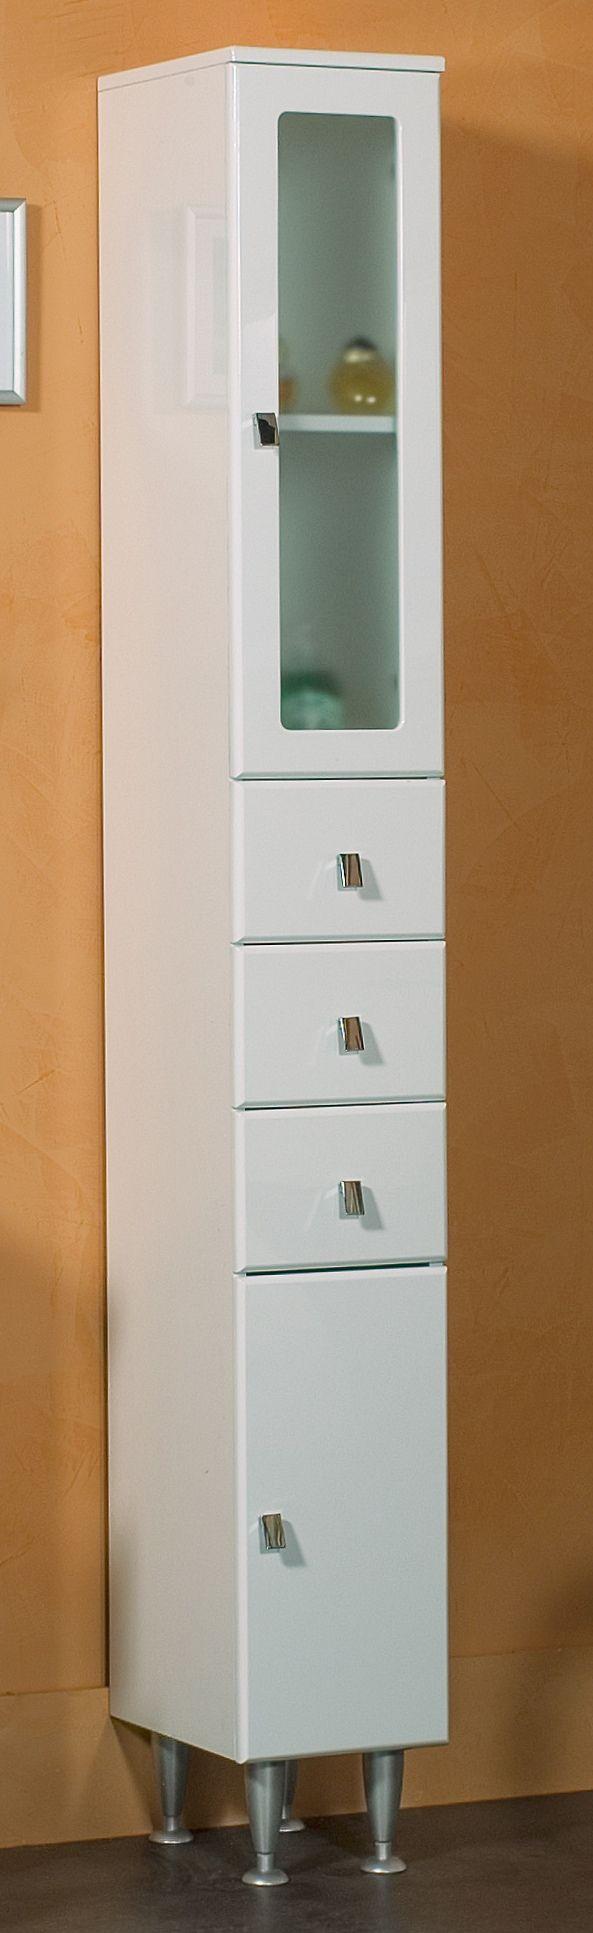 Mobili bagno per lavabo con colonna design casa creativa - Mobile colonna per bagno ...